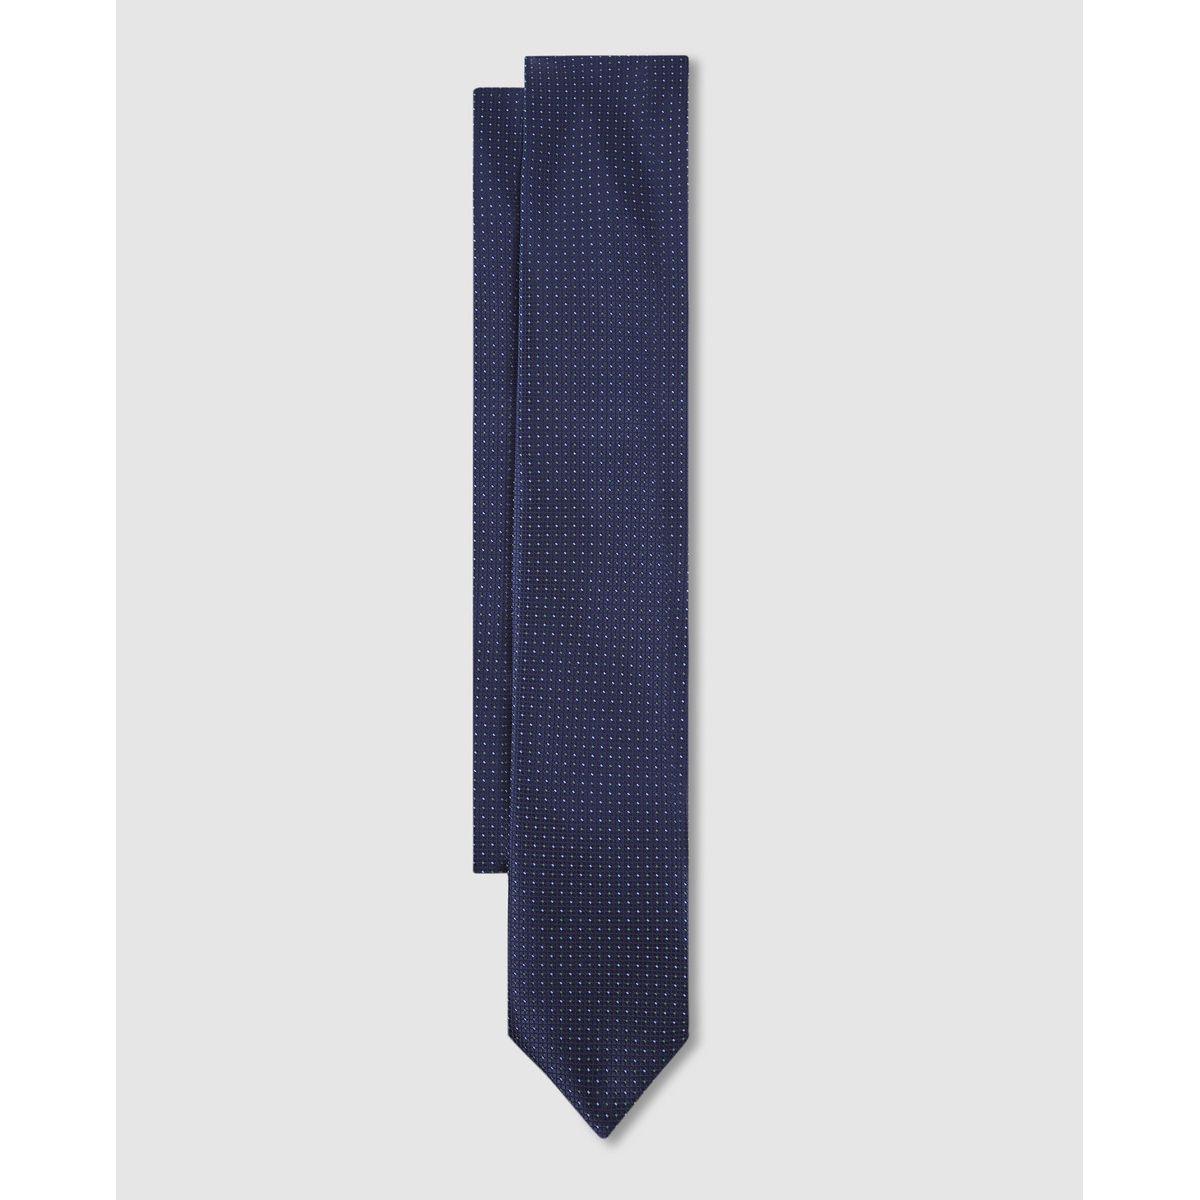 Cravate classique en soie microimprimé à motif